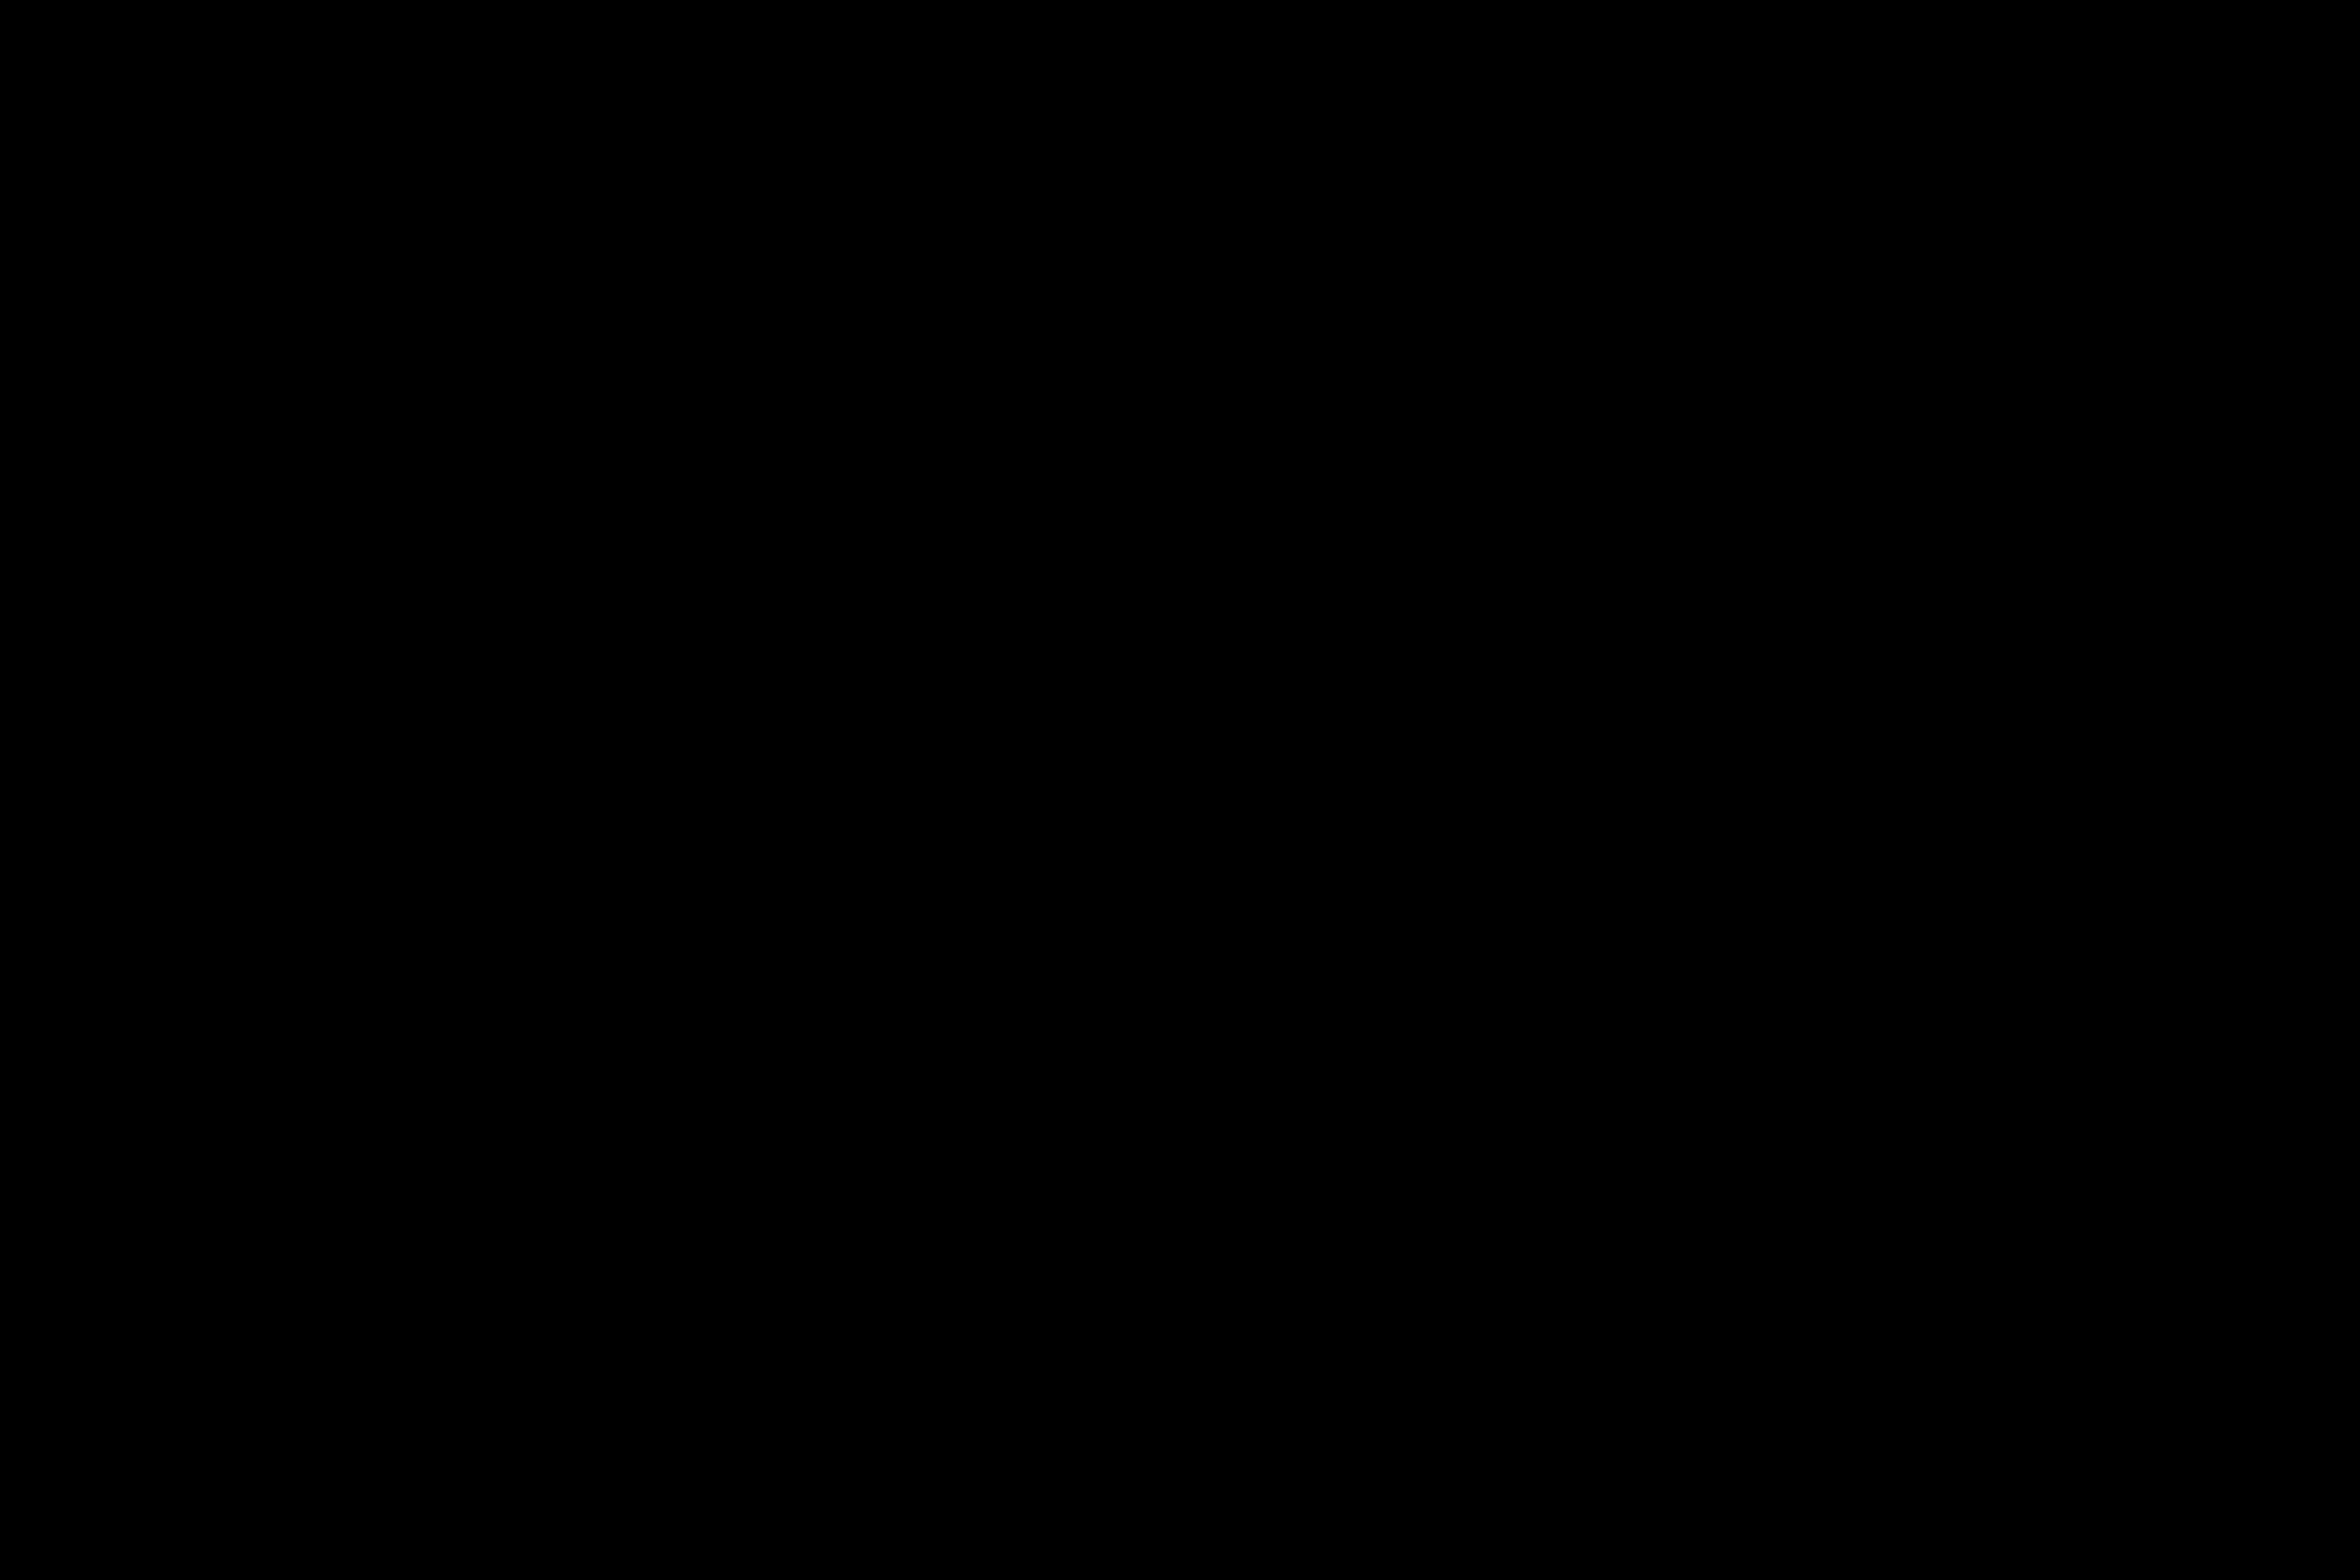 Mercedes-Benz S-Class Coupe C217 dan S-Class Cabriolet A217 facelift didedah, termasuk versi AMG Image #705643